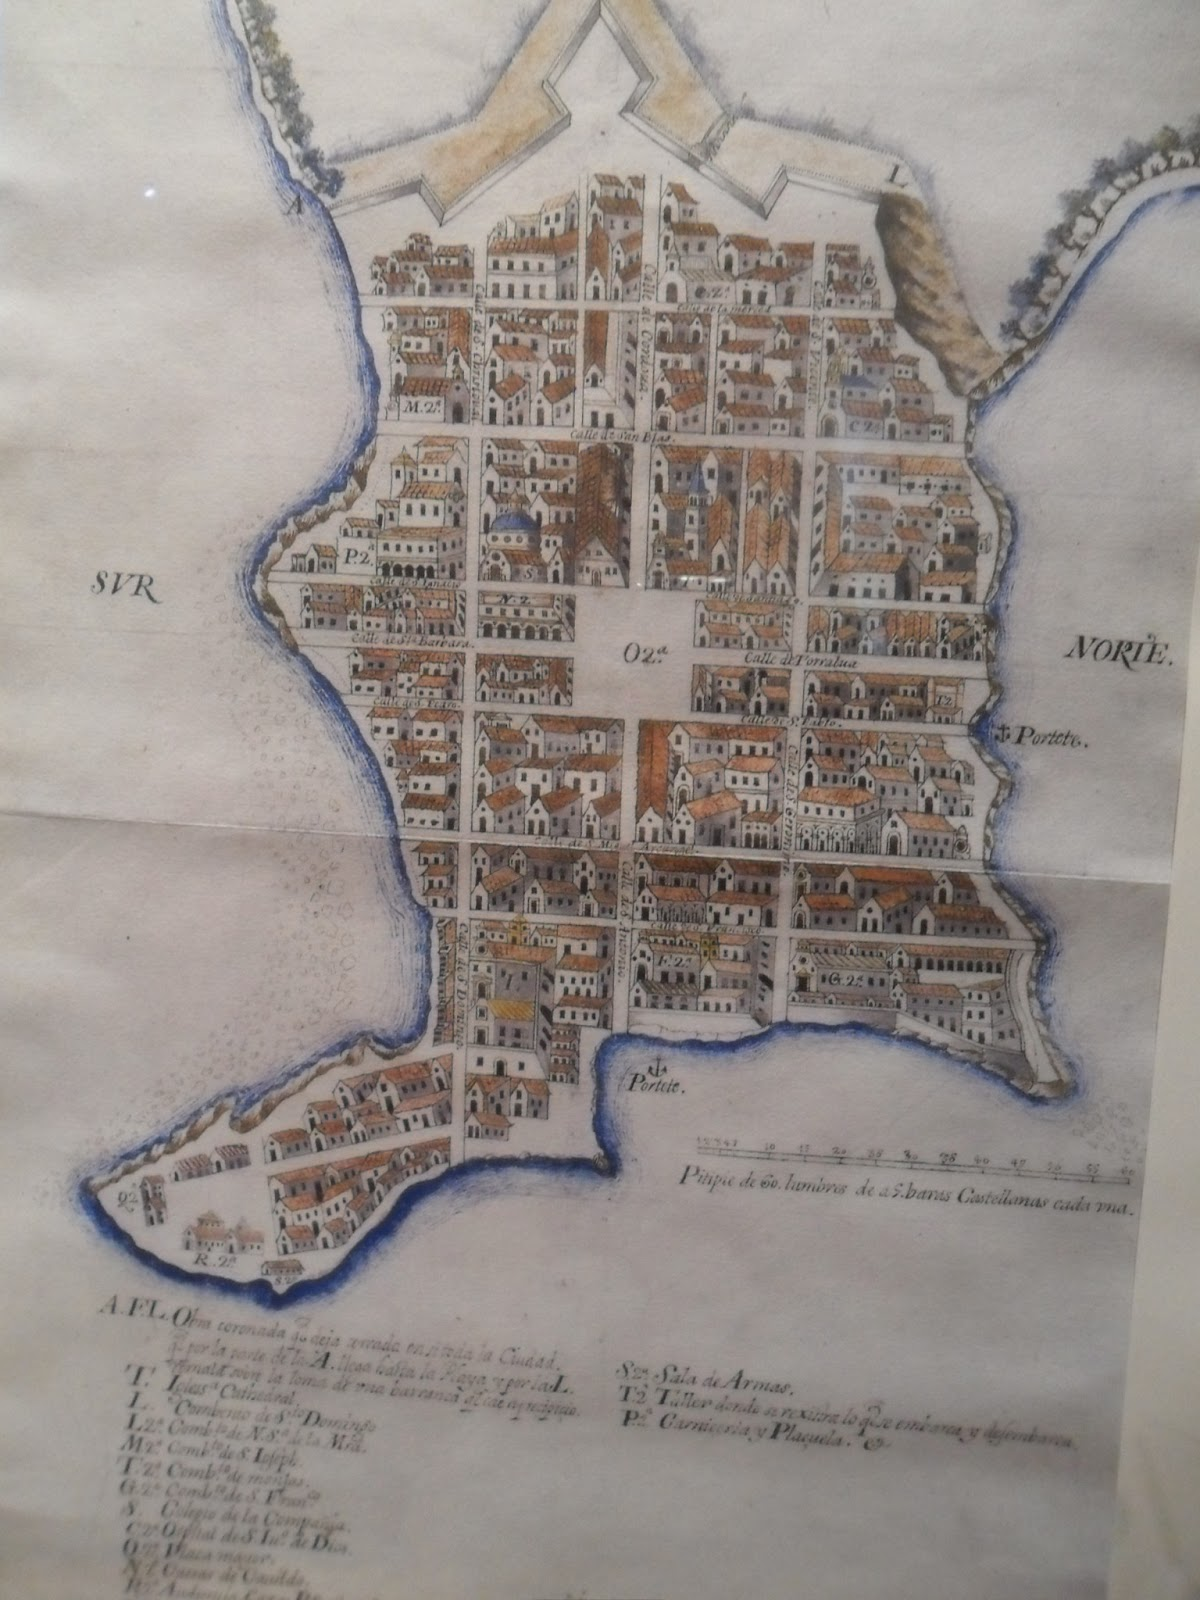 La Ville Connait Ensuite Une Histoire Tumultueuse Qui Lui Donne Son Aspect Tres Disparate Actuel En Avant Pour Visite Du Casco Viejo Ou Antiguo